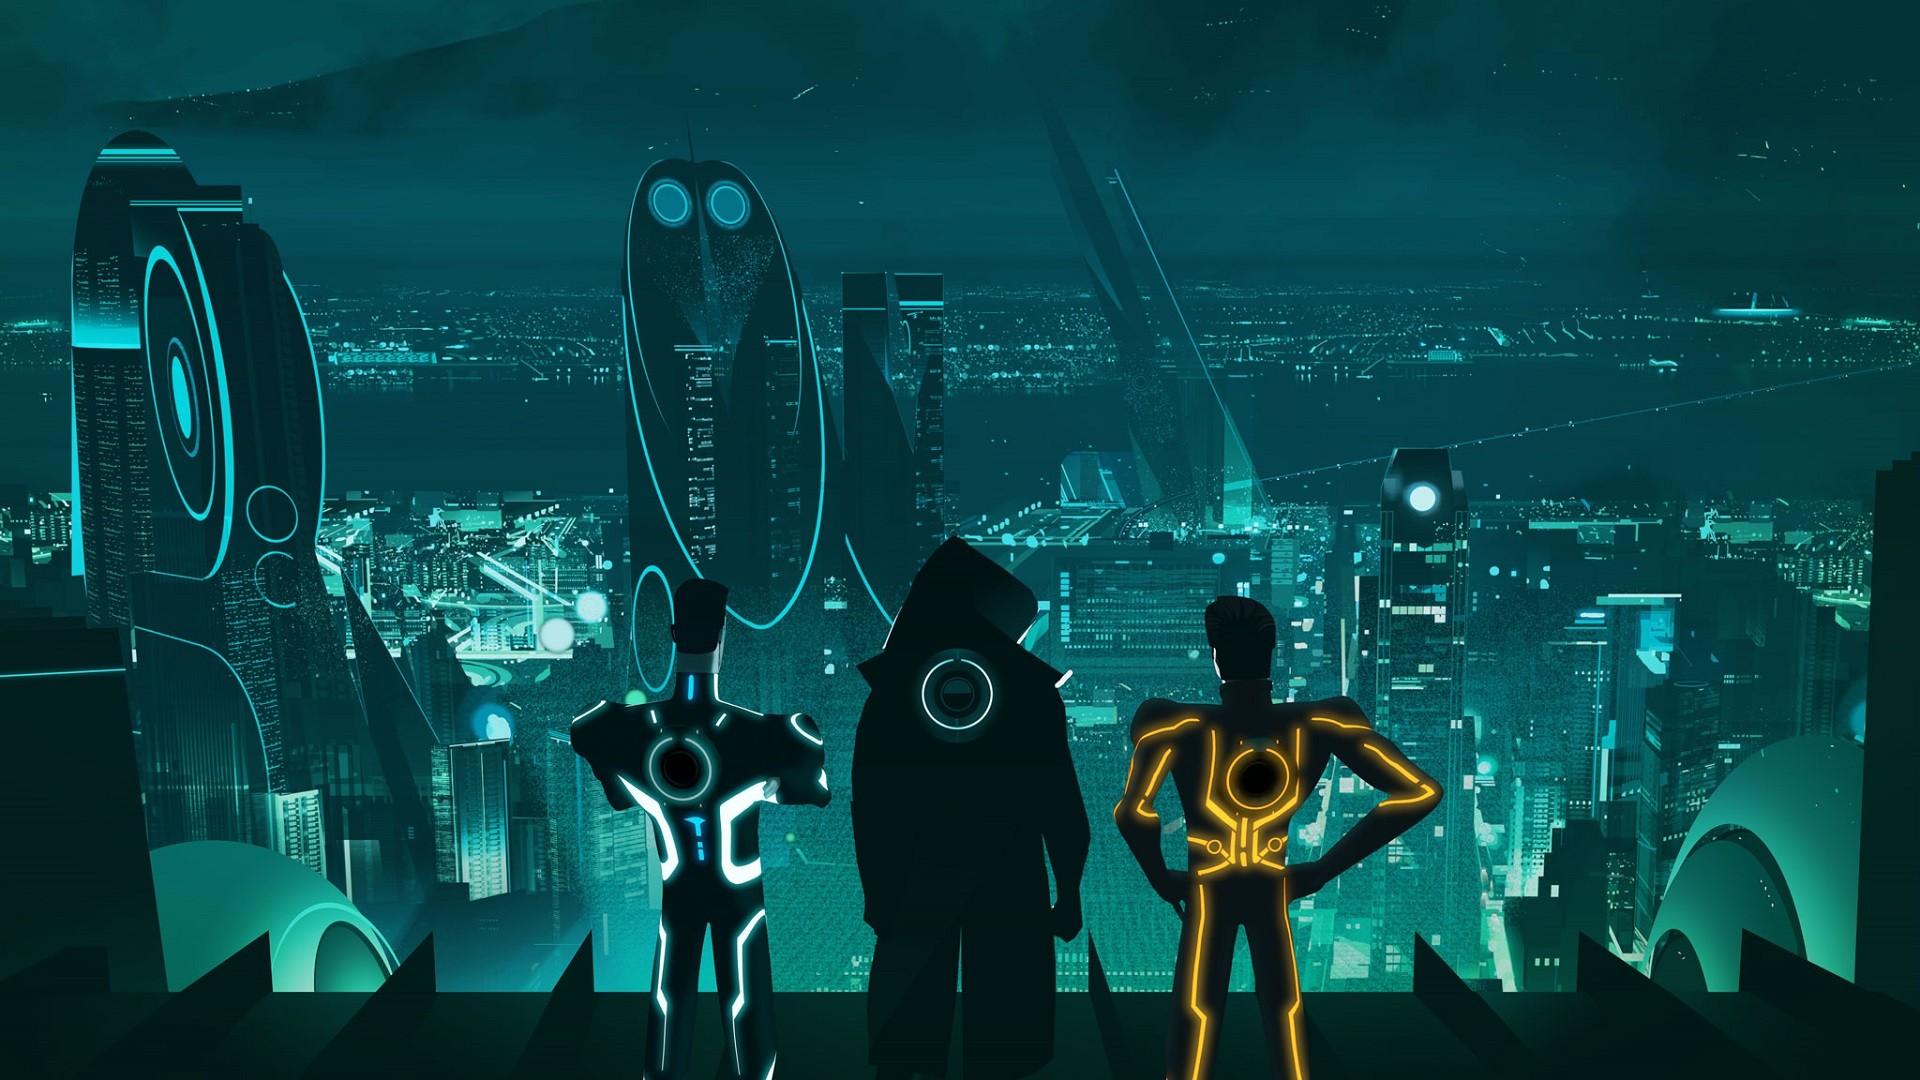 escape from argon city, tron uprising, tron, video games, futuristic